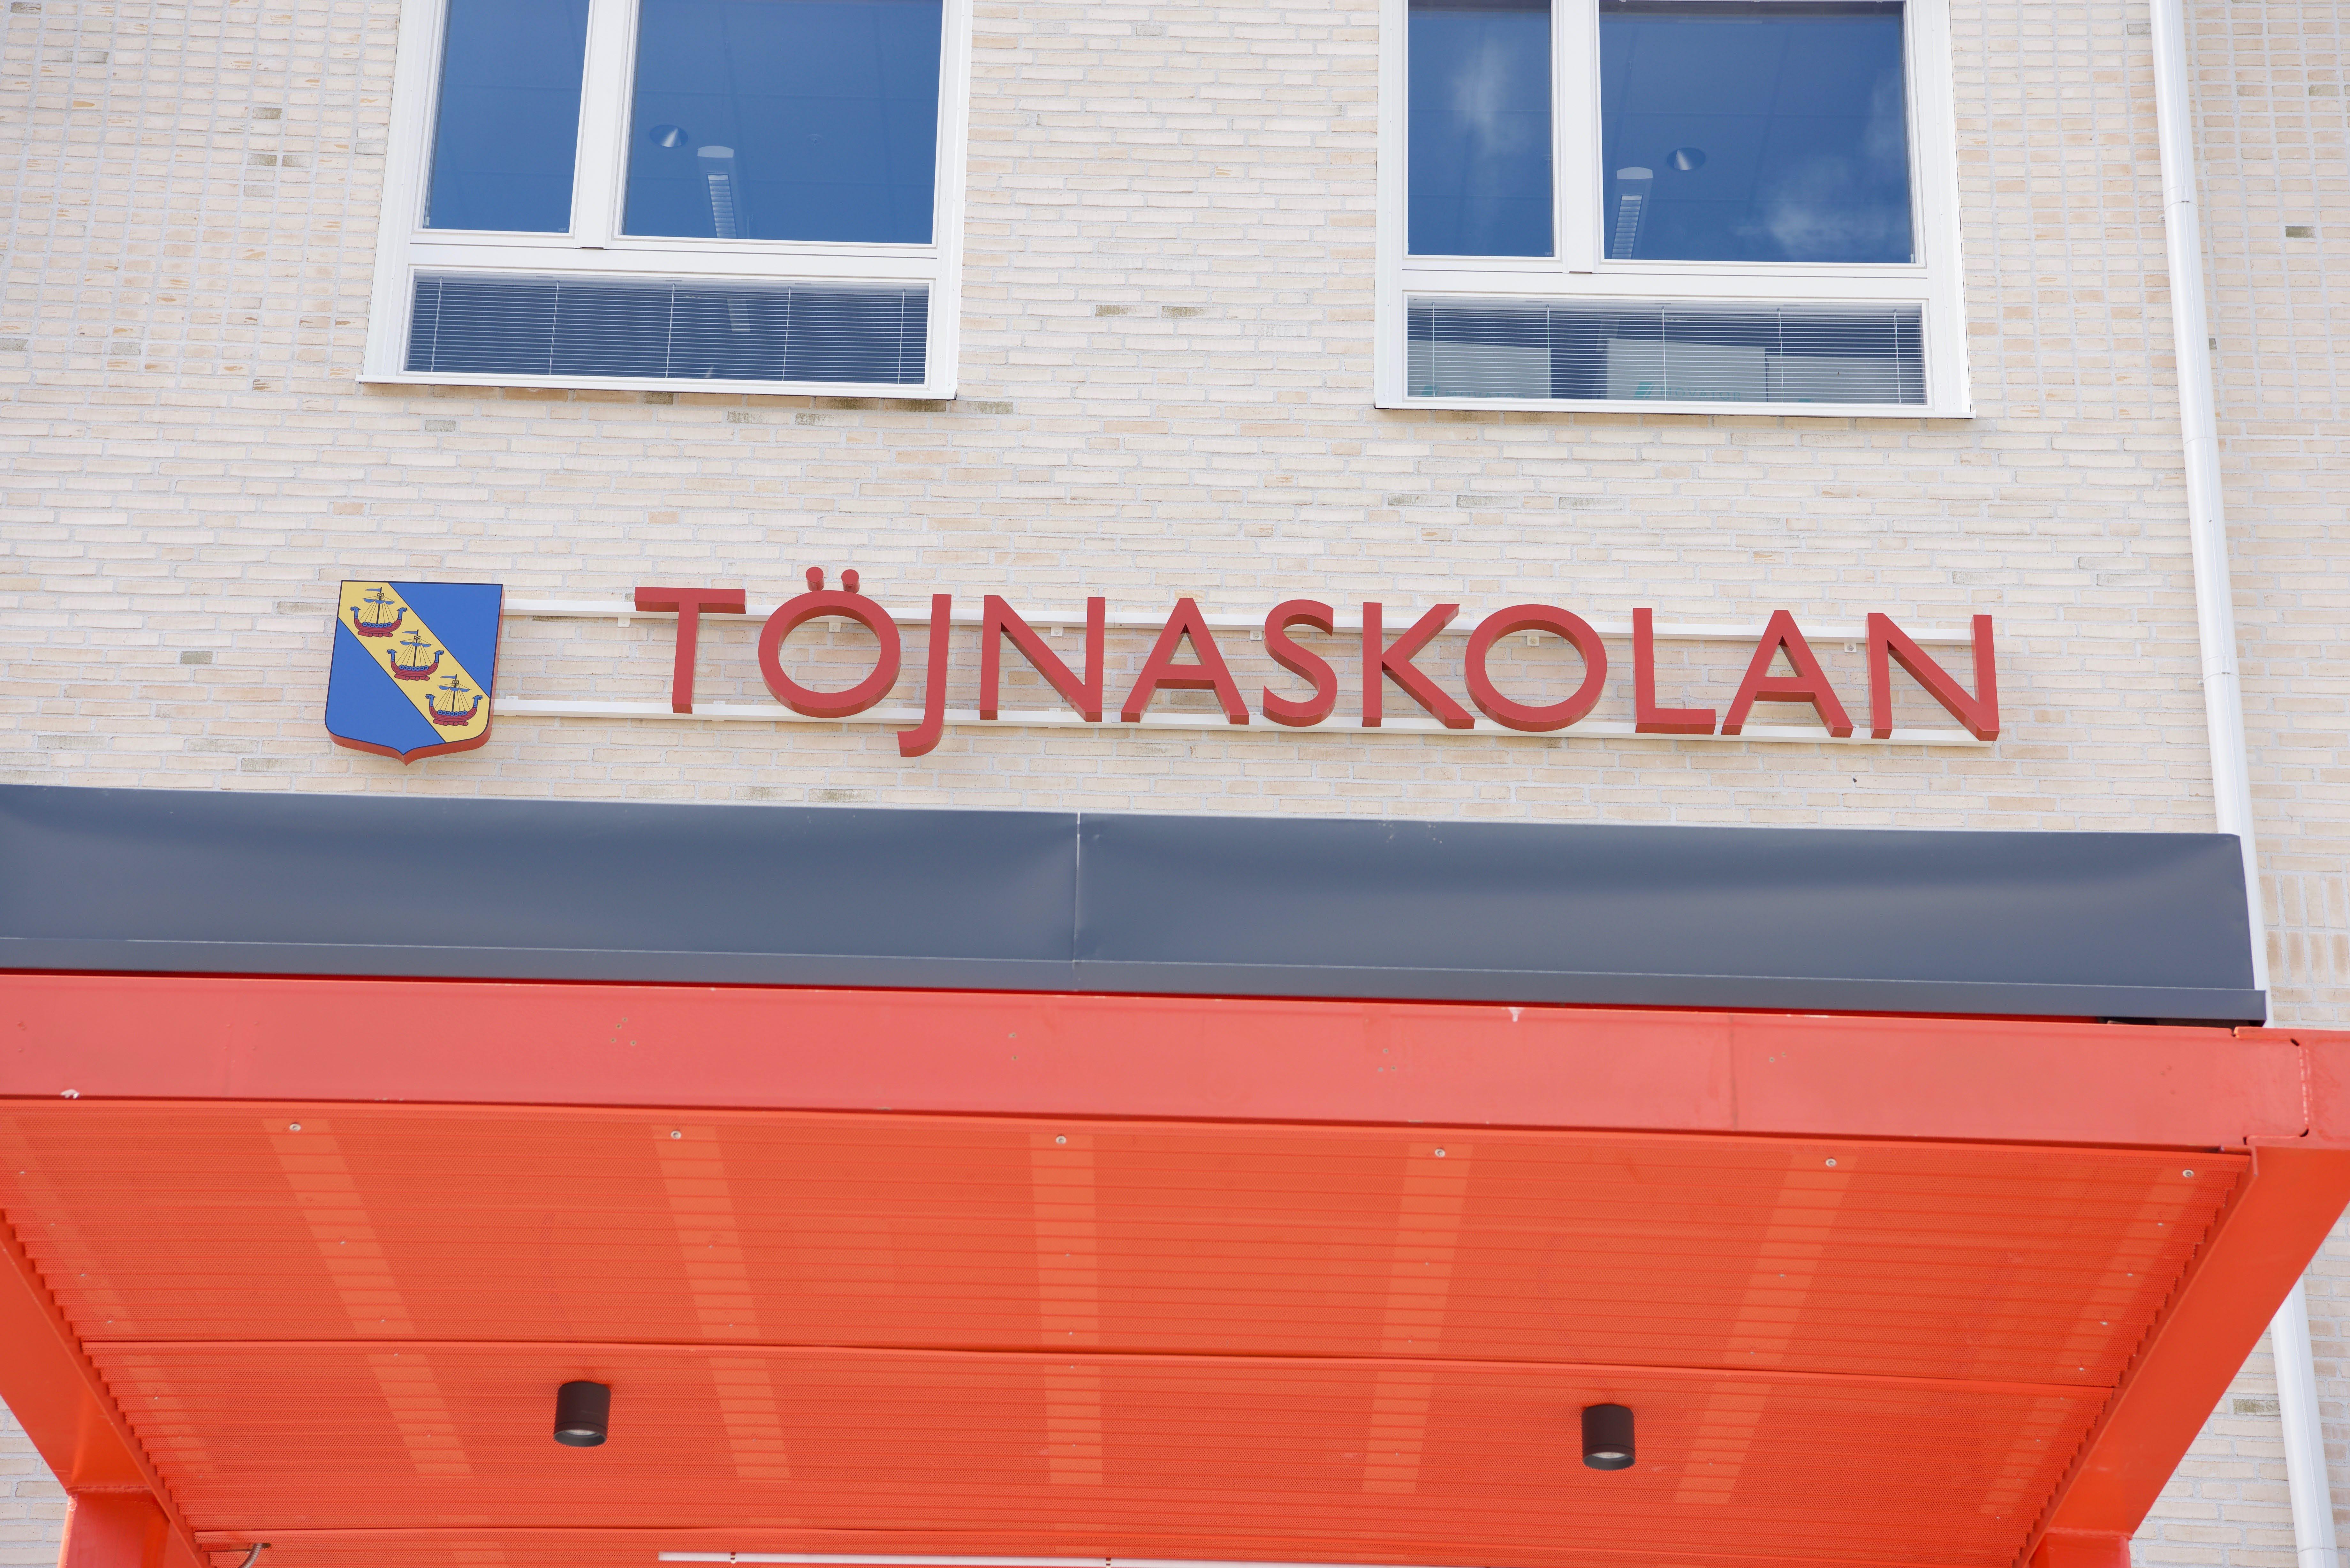 Nya Töjnaskolan